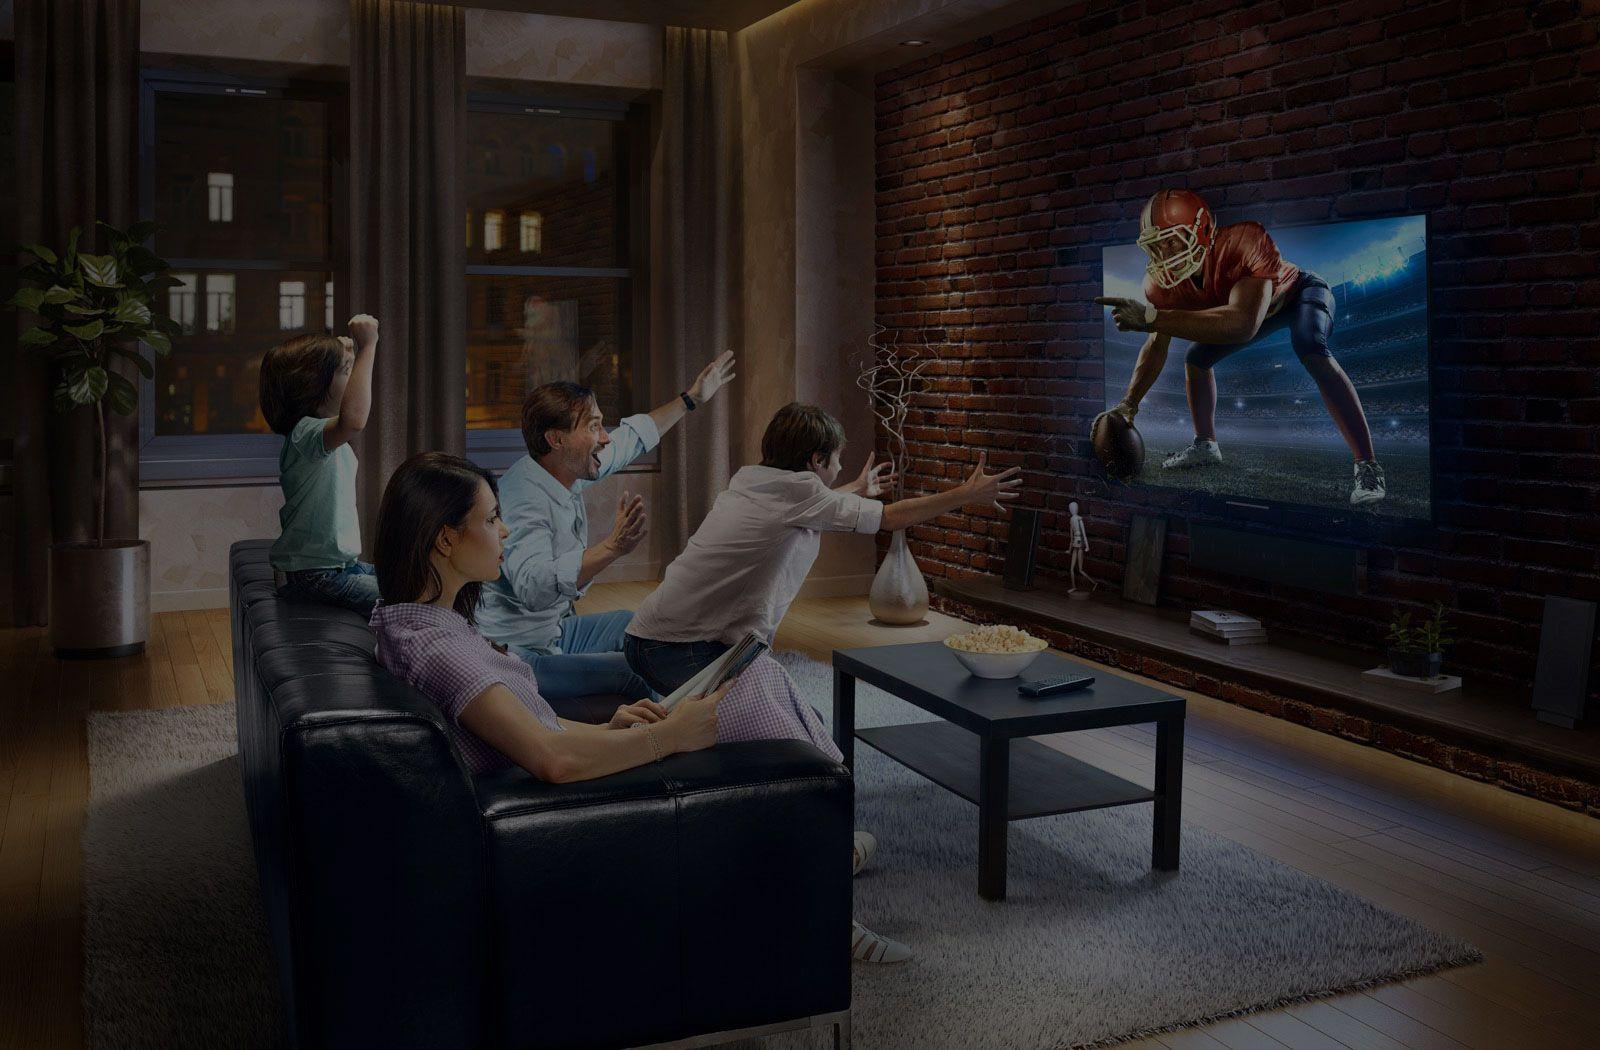 The Best Premium IPTV Service SET PLEX SET TV puts you in